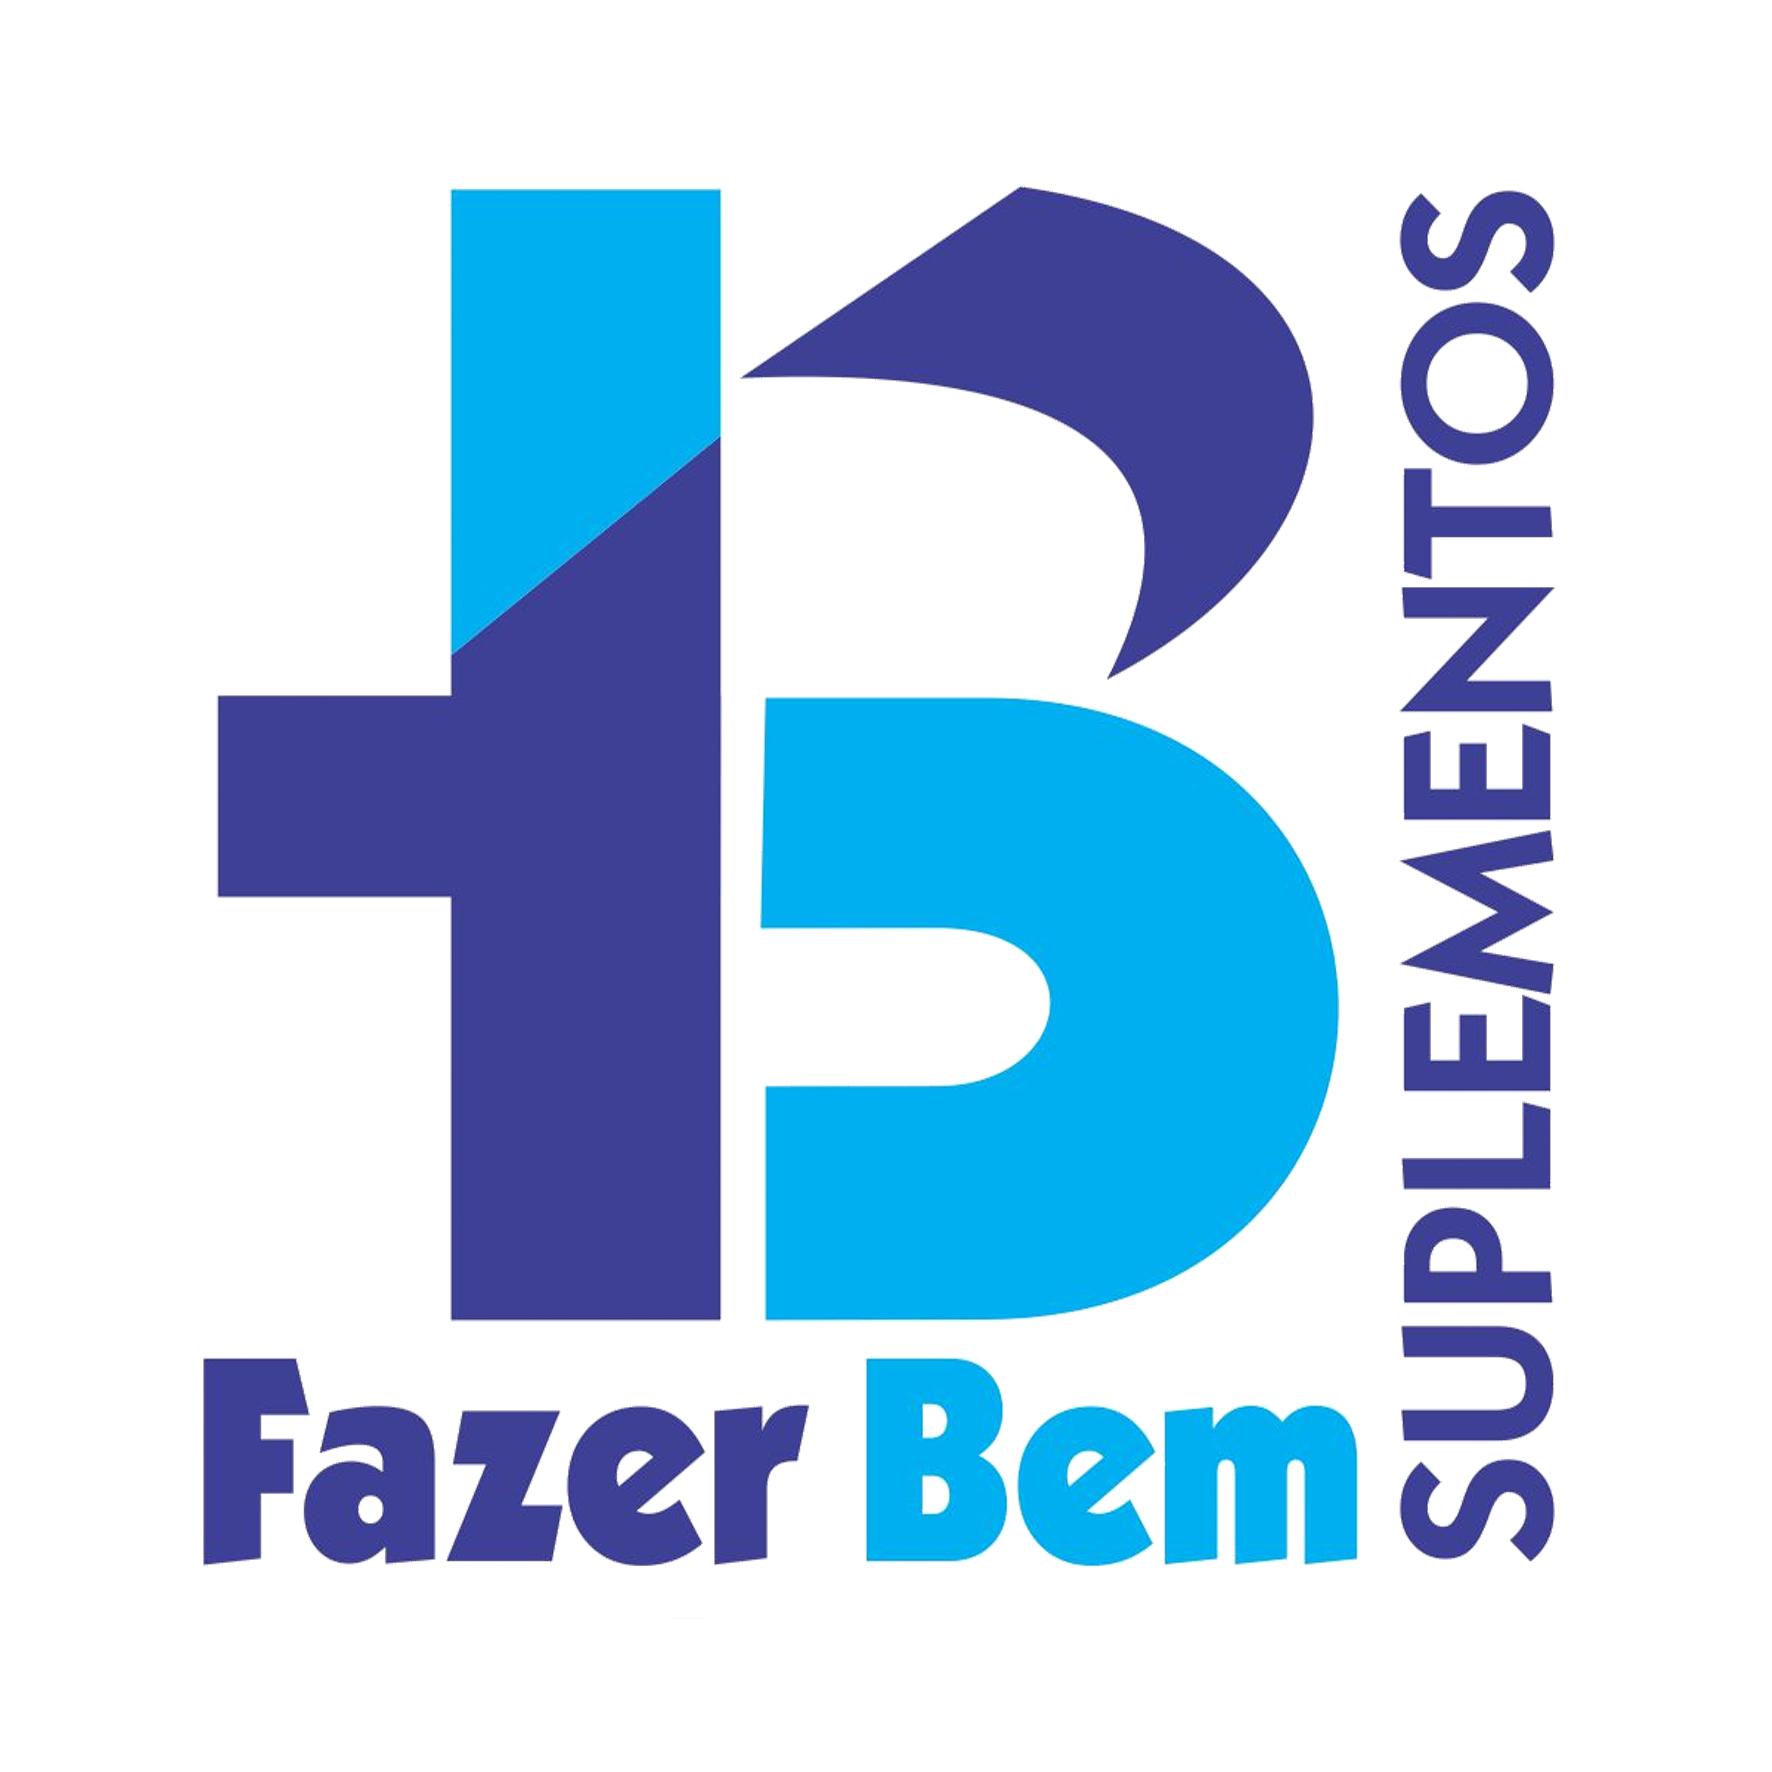 SUPLEMENTOS FAZER BEM